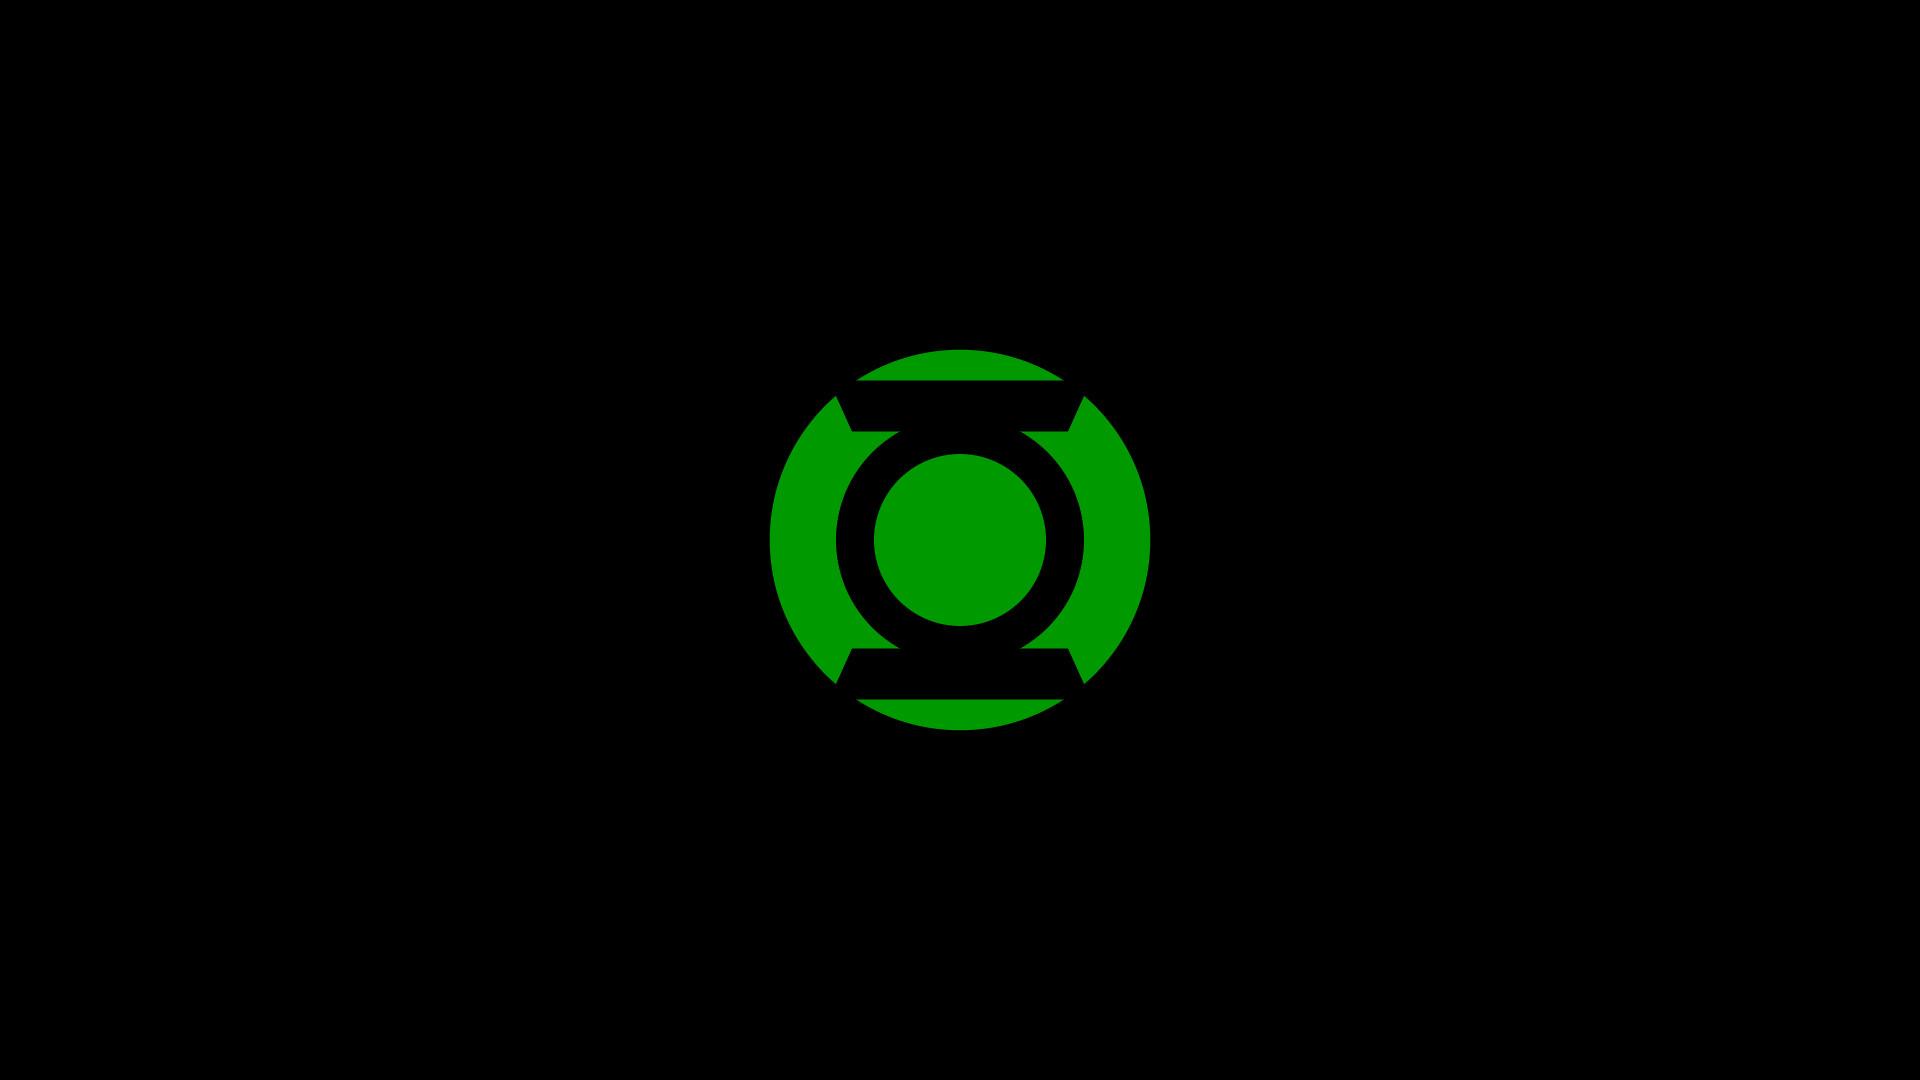 Green Lantern by ORANGEMAN80 Green Lantern by ORANGEMAN80